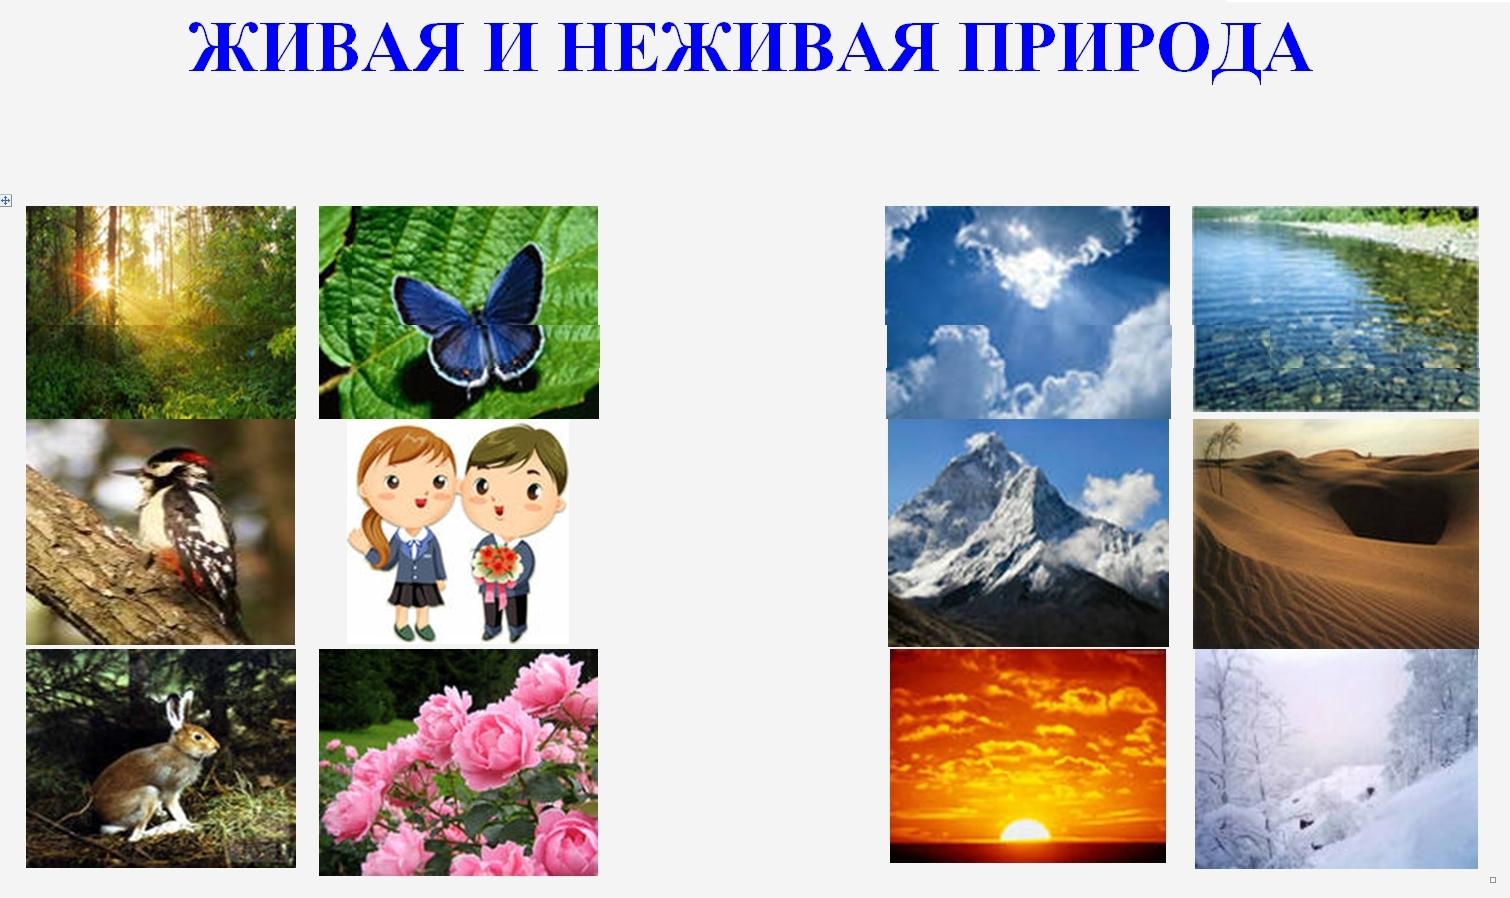 Живая и неживая природа для детей картинки с 13